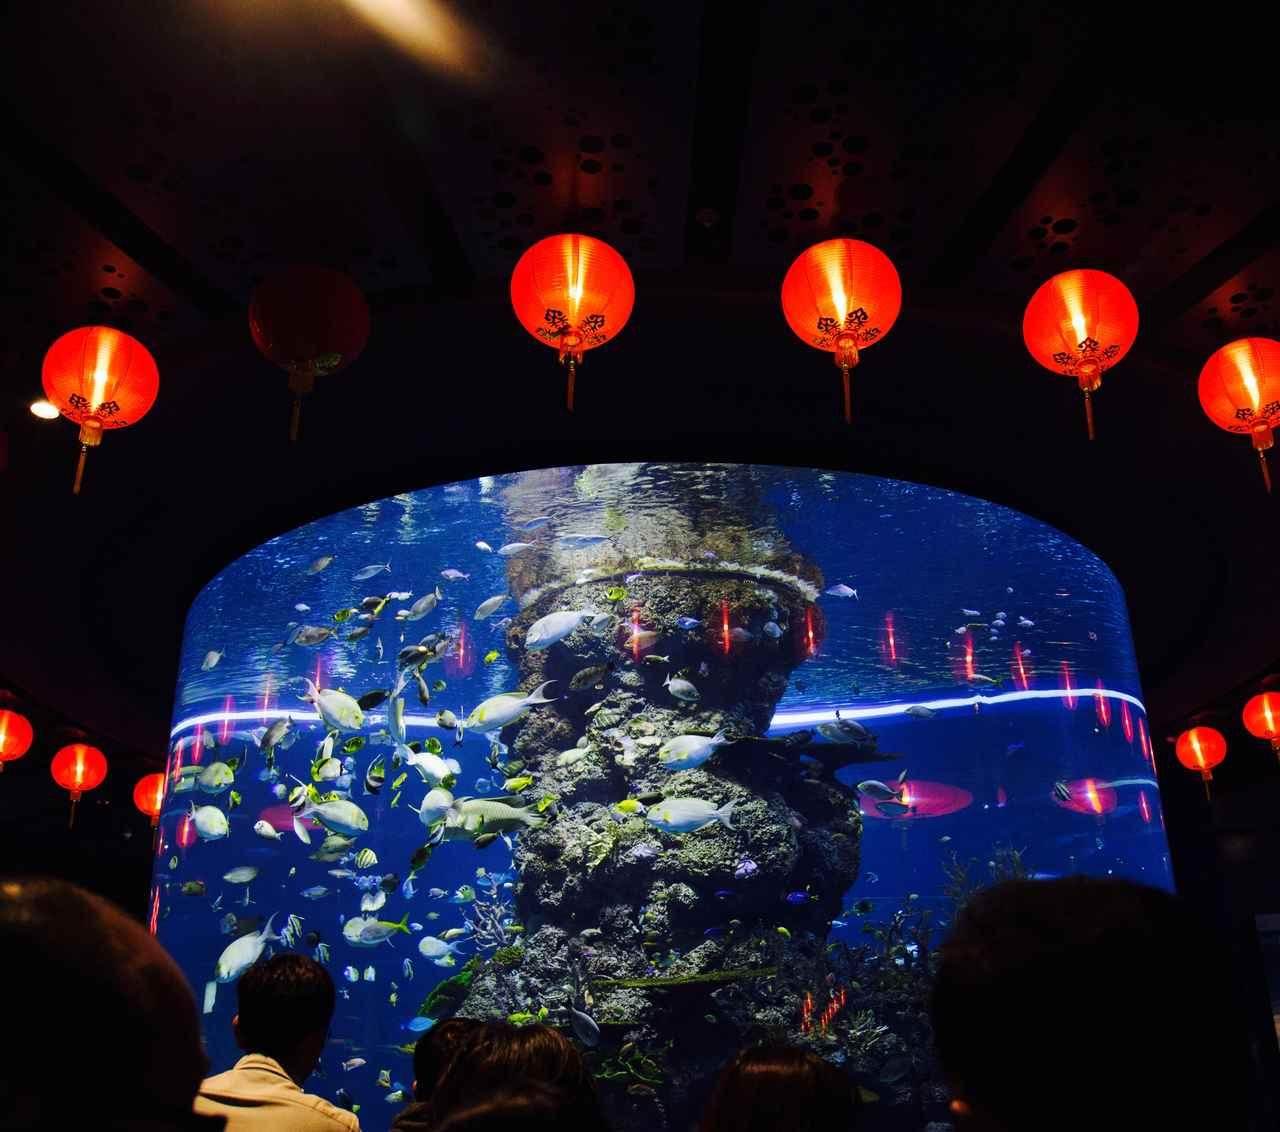 画像: 映画館で有名になった「ニモ=カクレクマノミ」を初め、 色とりどりのトロピカル・フィッシュが集結する水槽!